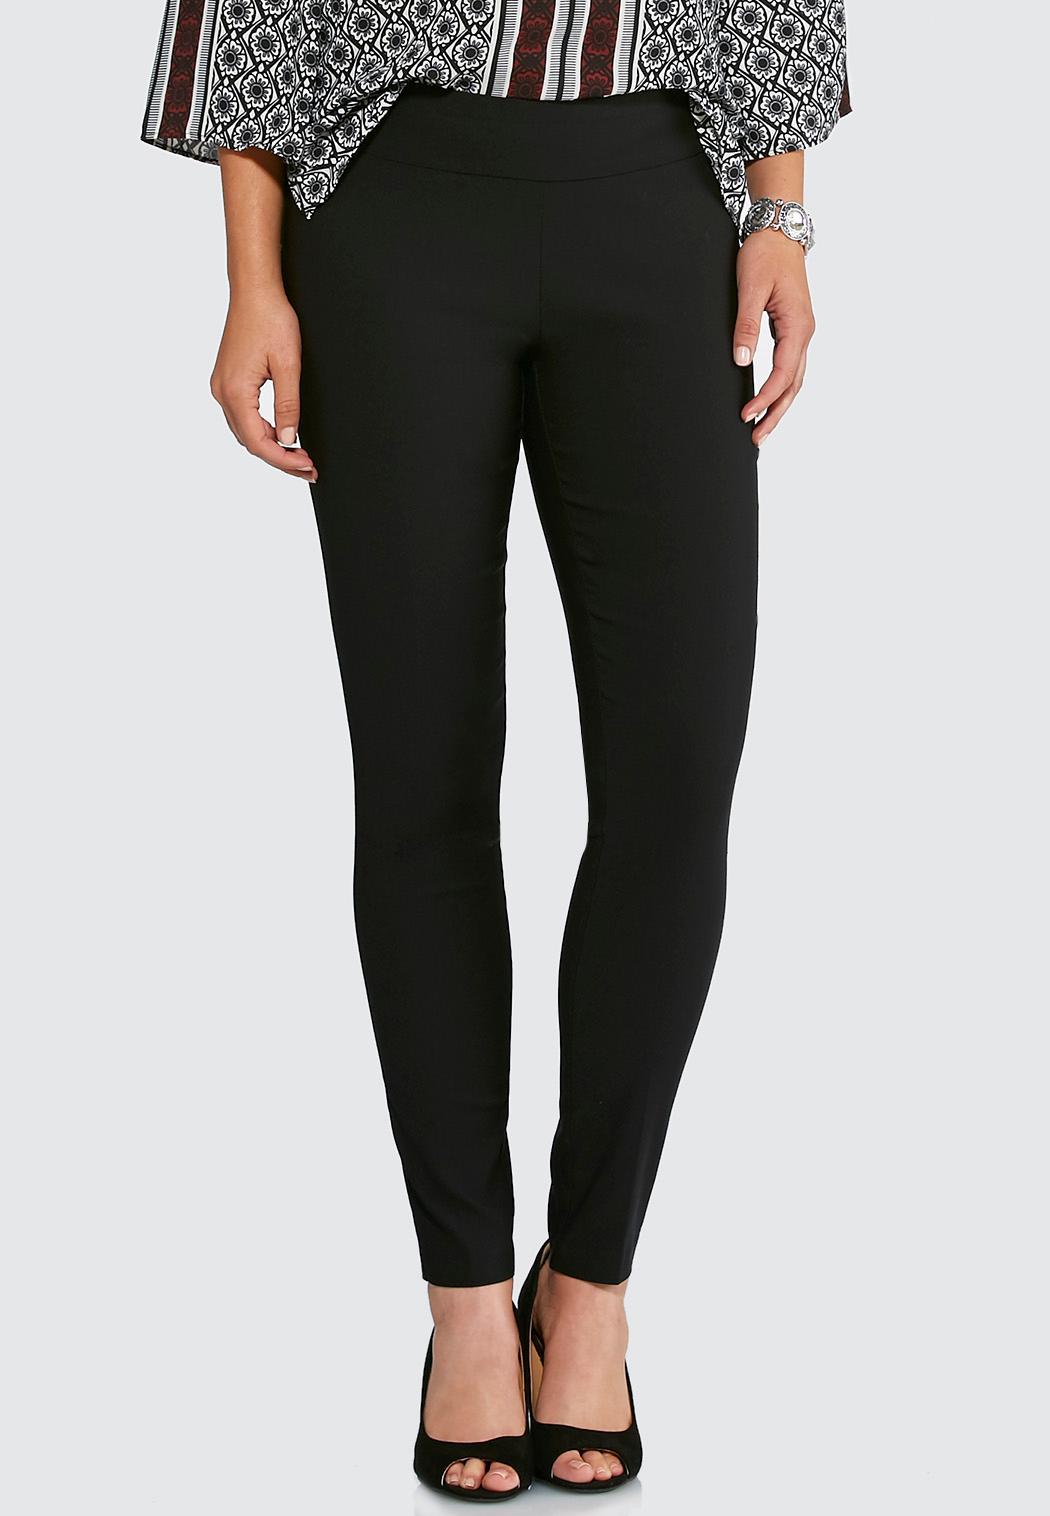 Petite Pull-On Solid Slim Pants